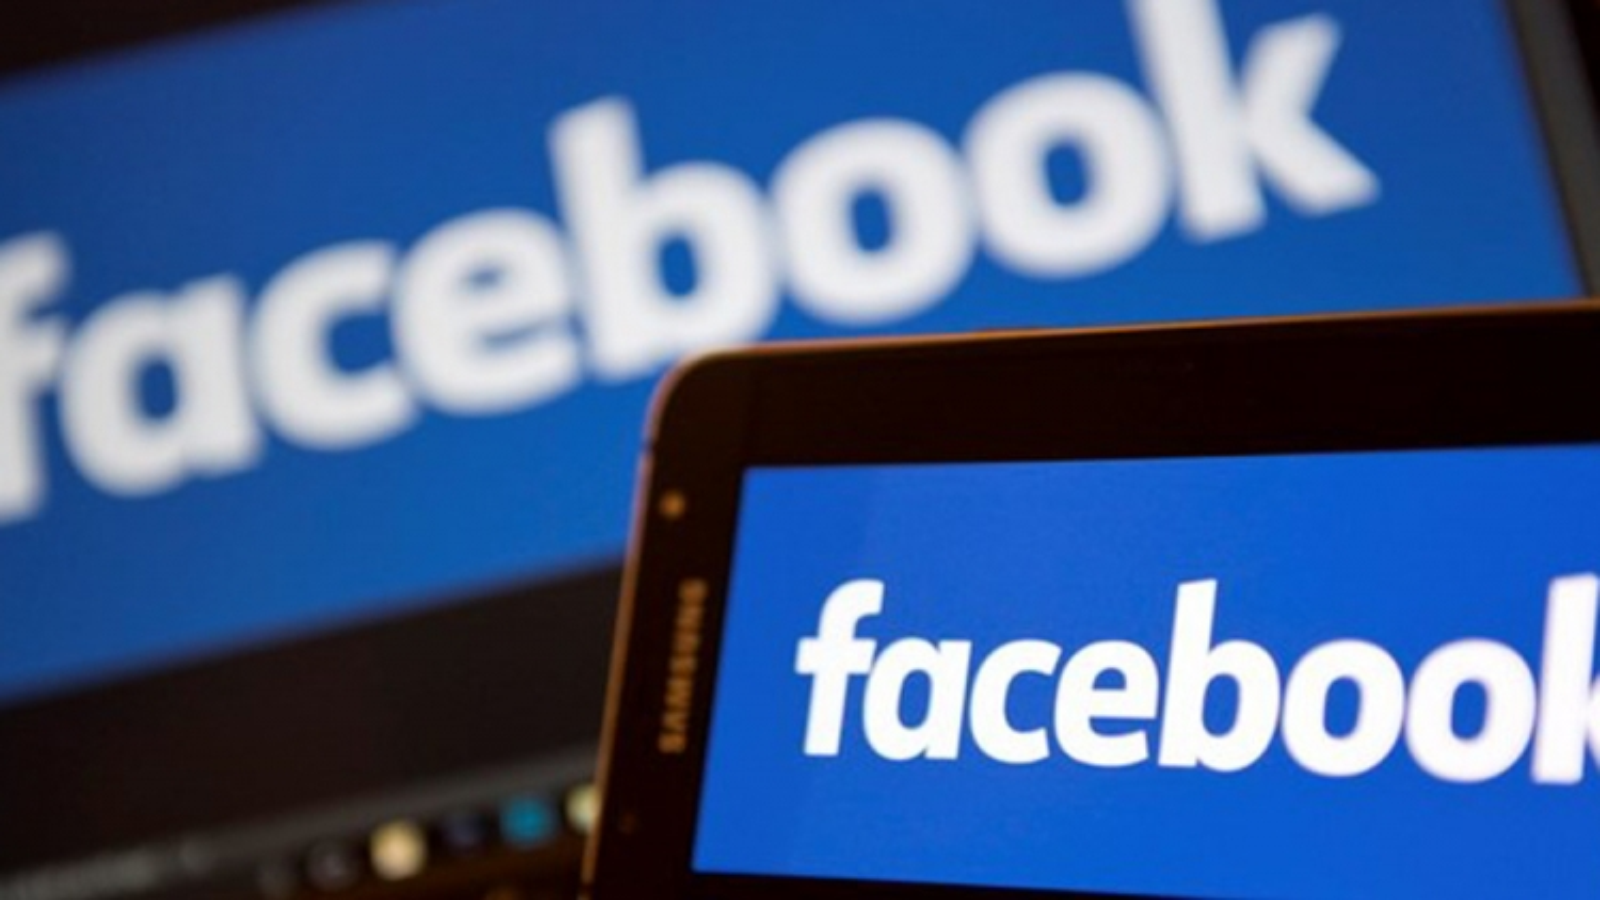 Facebookbịkiện, đối mặt nguy cơ phải bánInstagram, WhatsApp